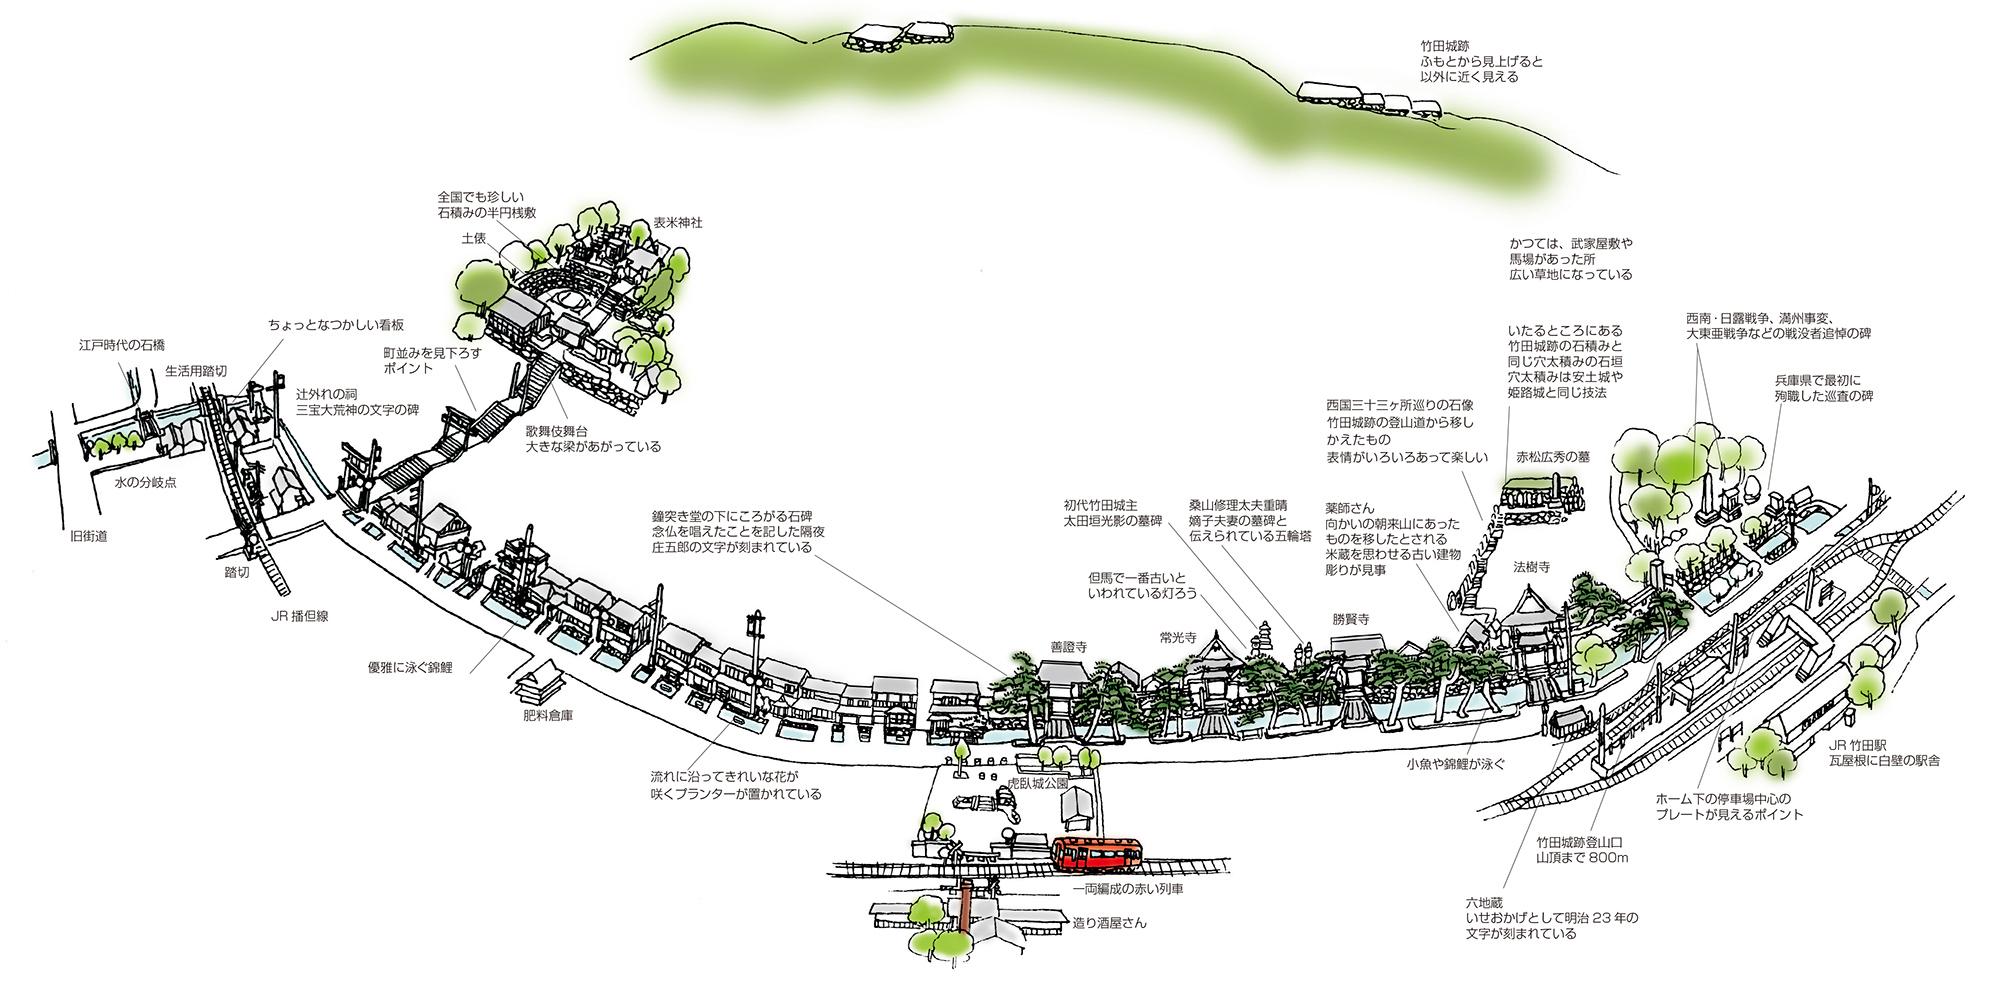 石に刻まれた歴史をたどる<朝来市和田山町竹田>(Vol.35/1999年7月発行)